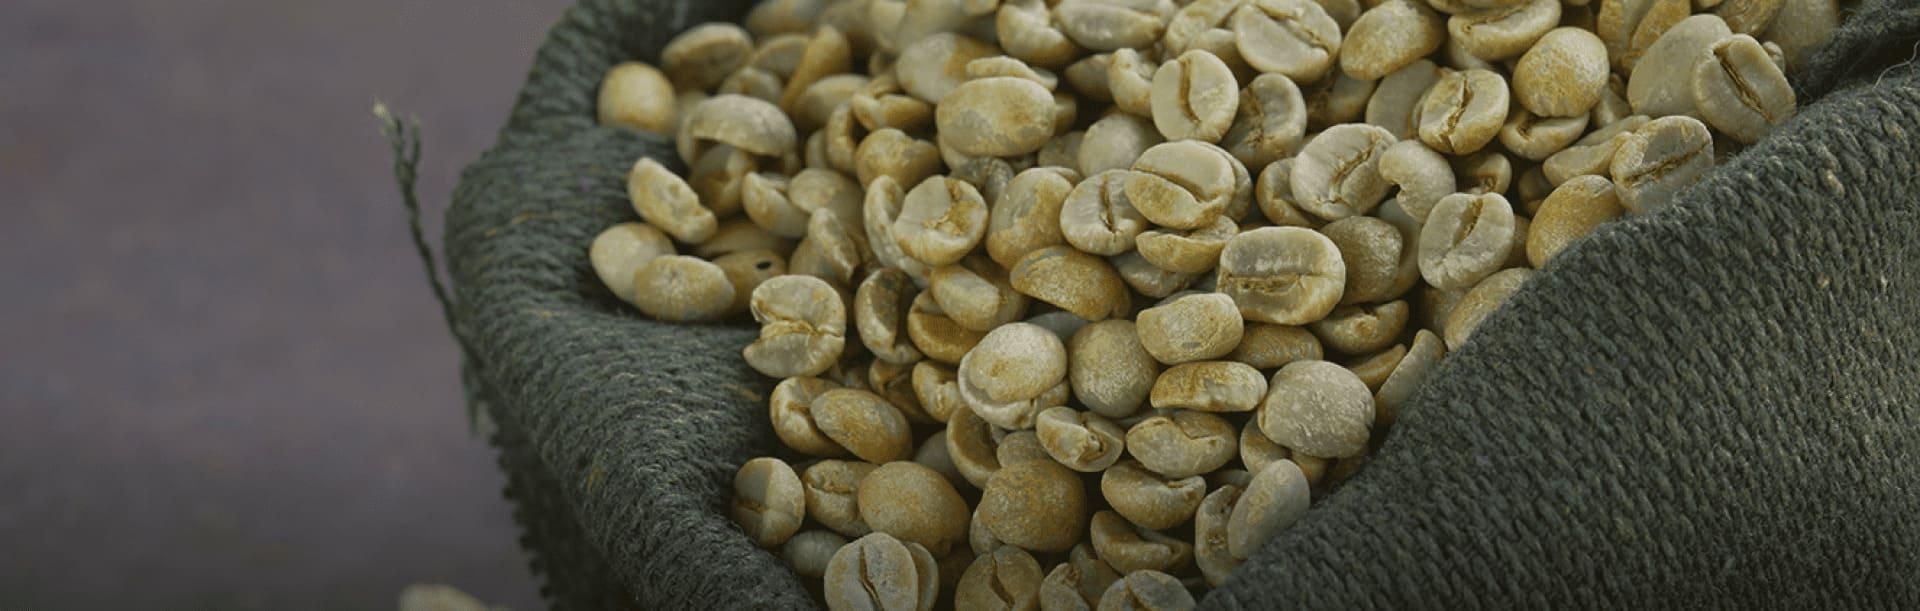 Foto ilustrativa de grãos de café